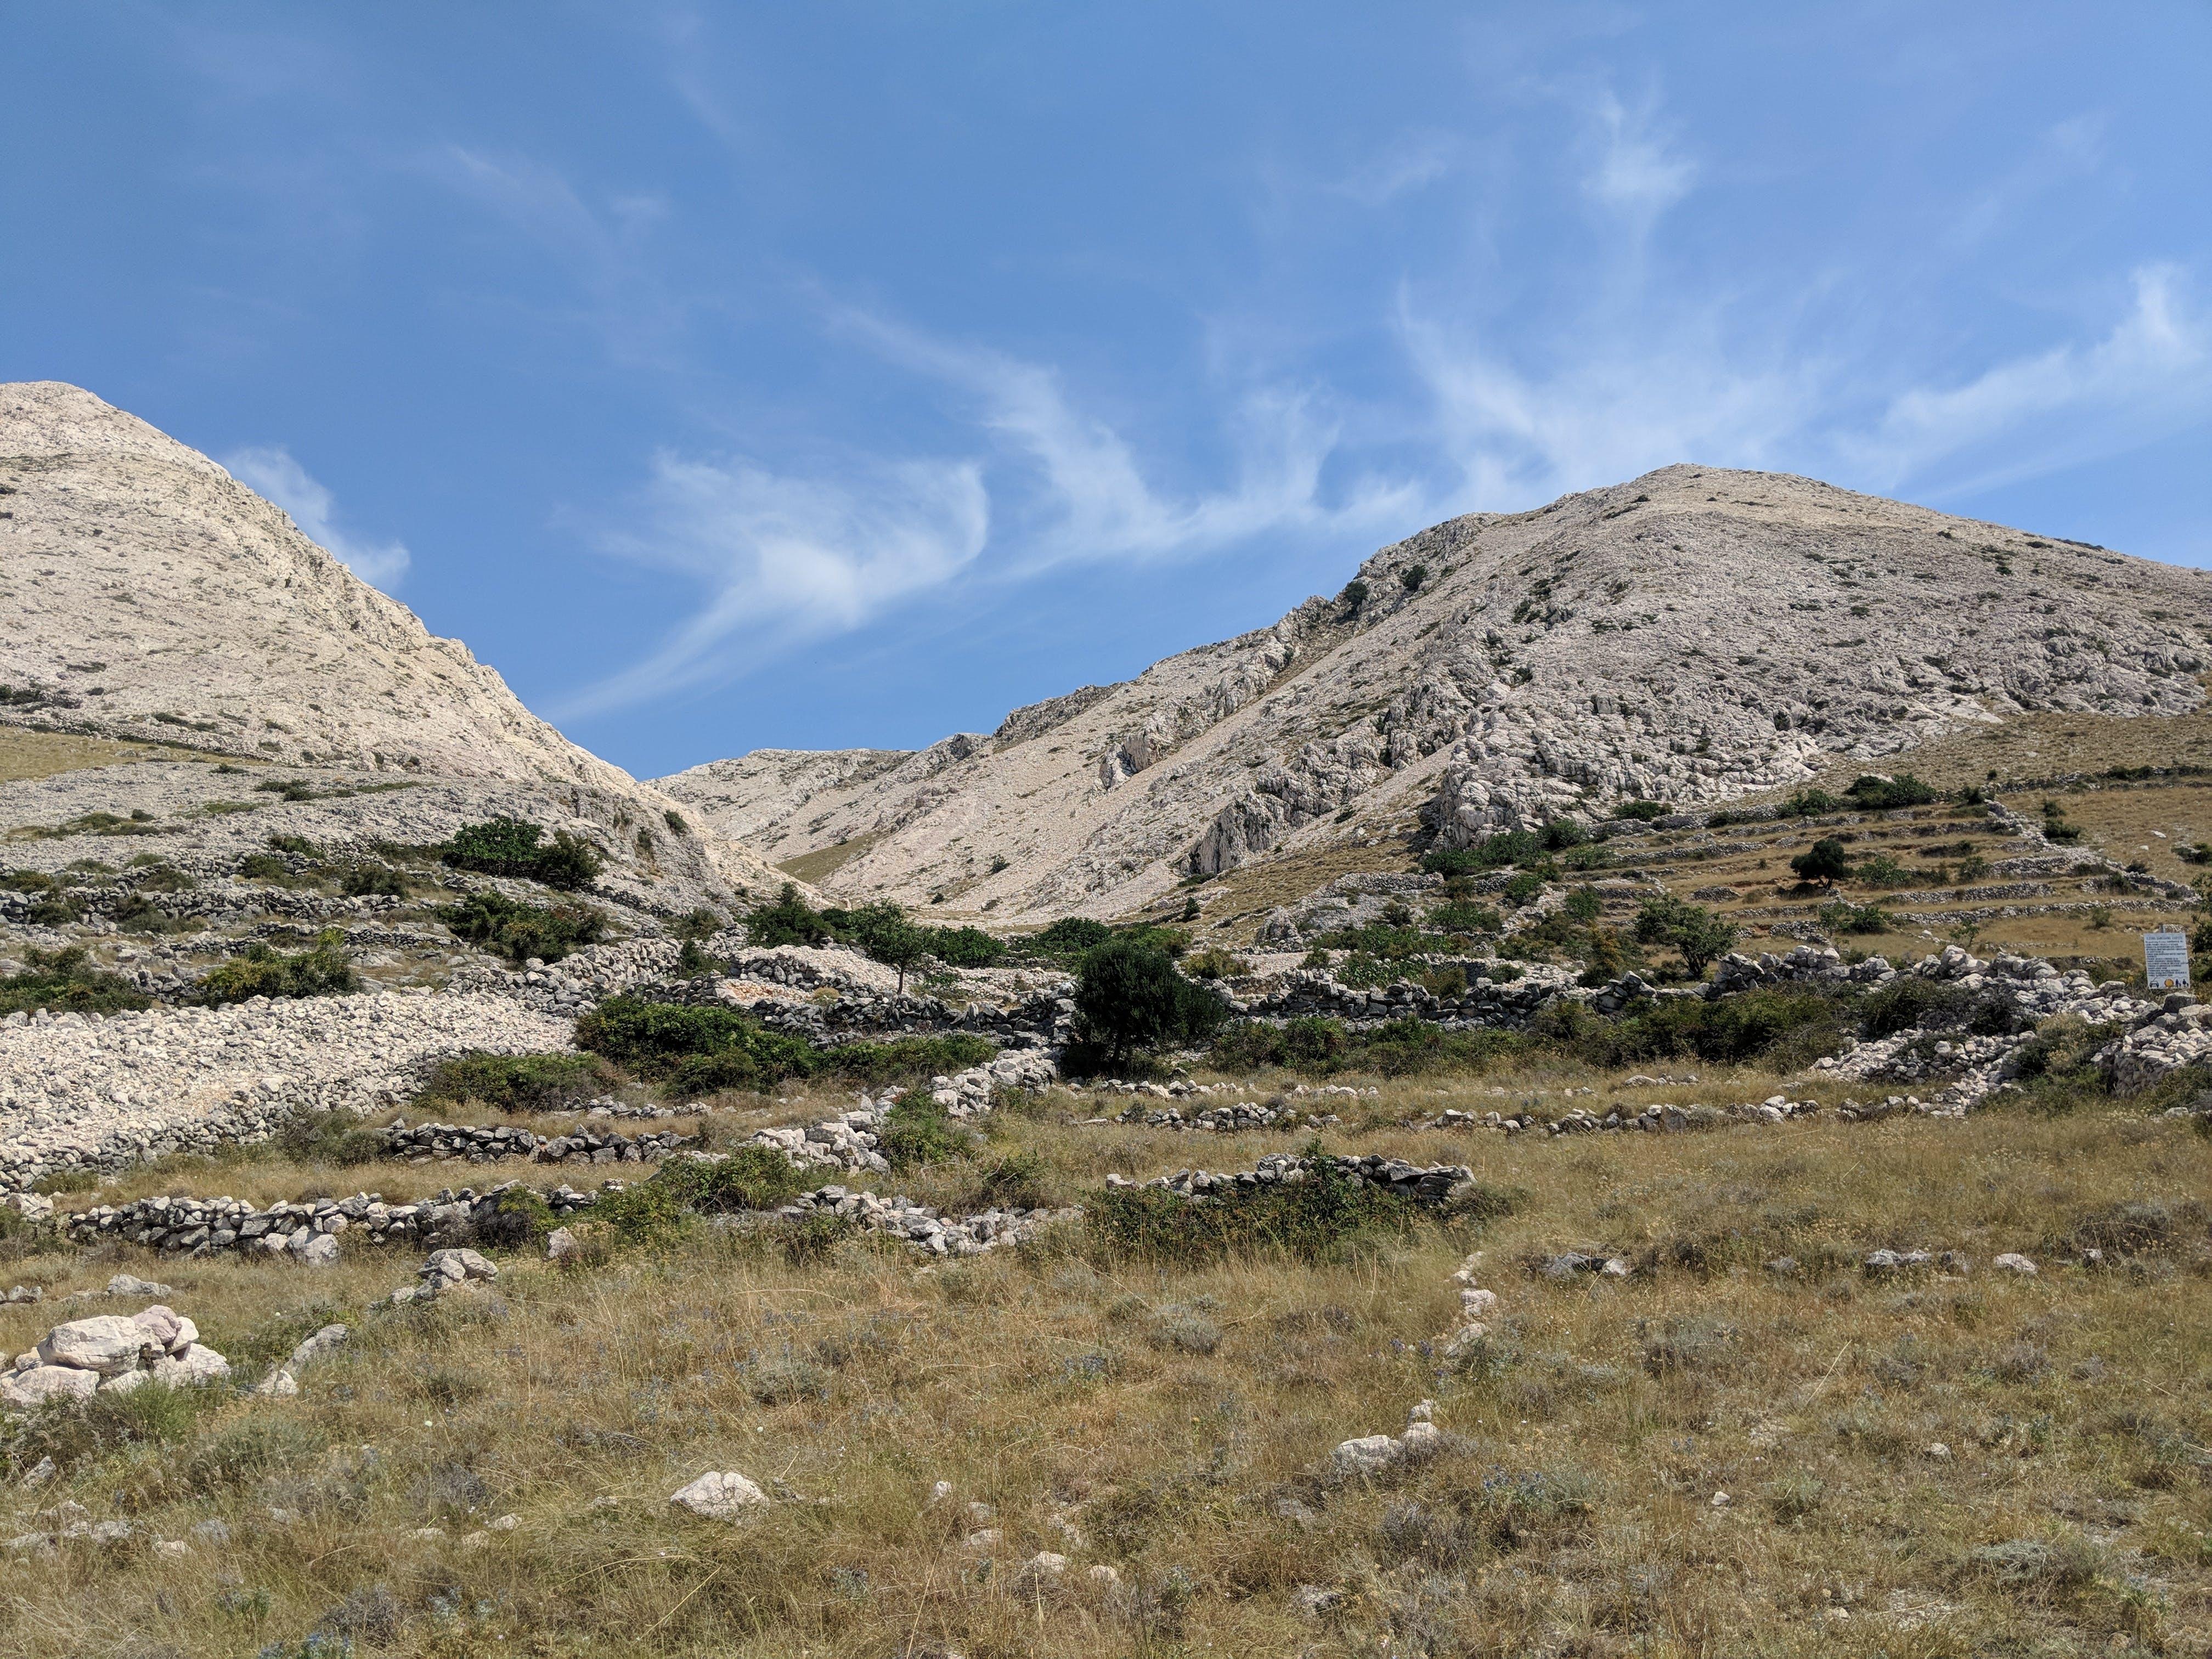 lanscape, 건조한, 경치가 좋은, 등산로의 무료 스톡 사진